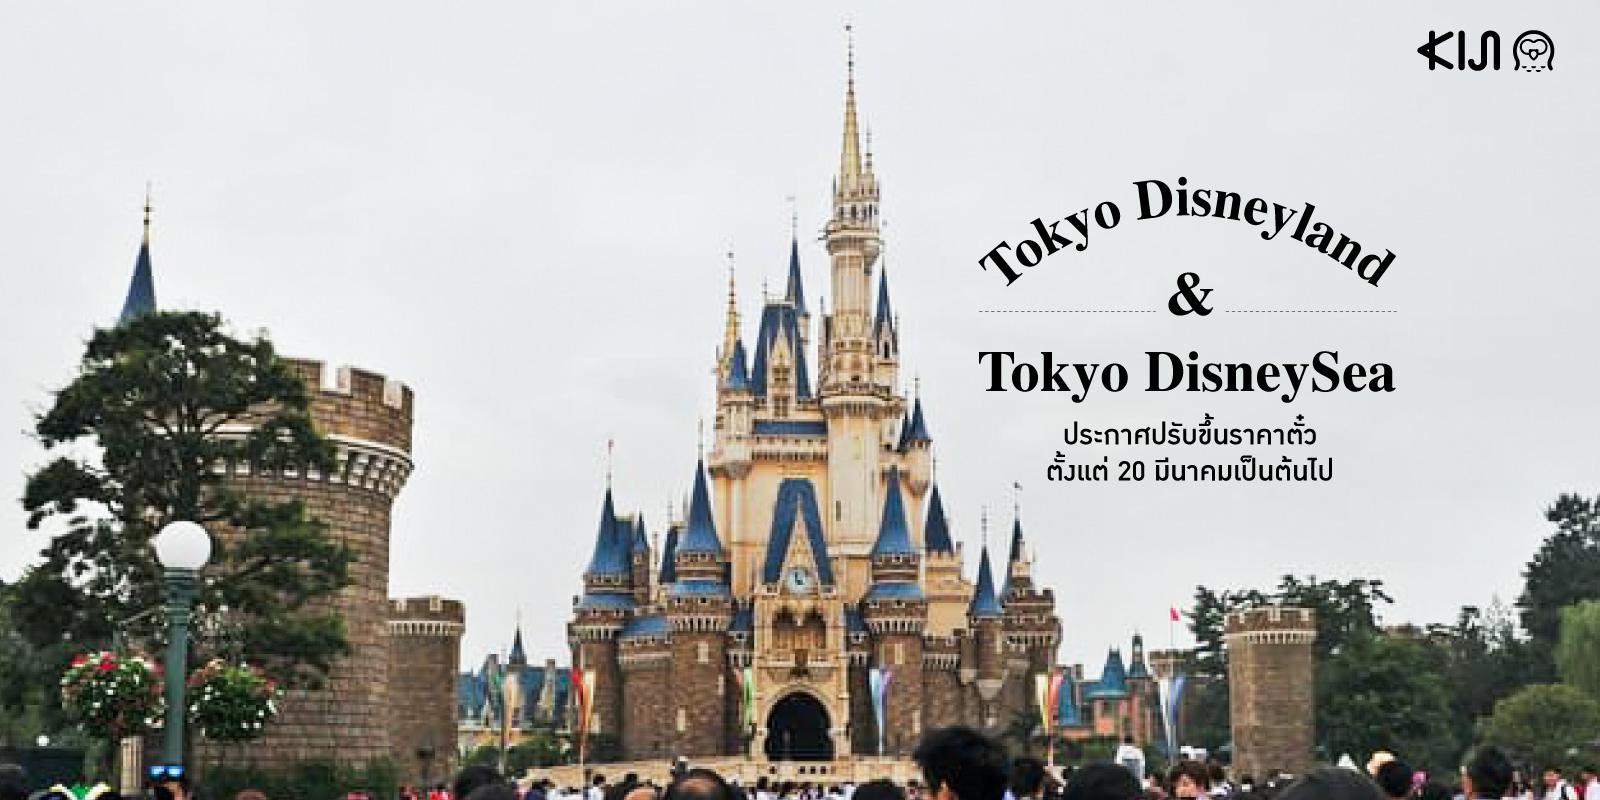 ราคาตั๋วค่าเข้า Tokyo Disneyland จำเป็นต้องถูกปรับขึ้นเพื่อระบายความแออัดของผู้เข้าใช้บริการในวันหยุด